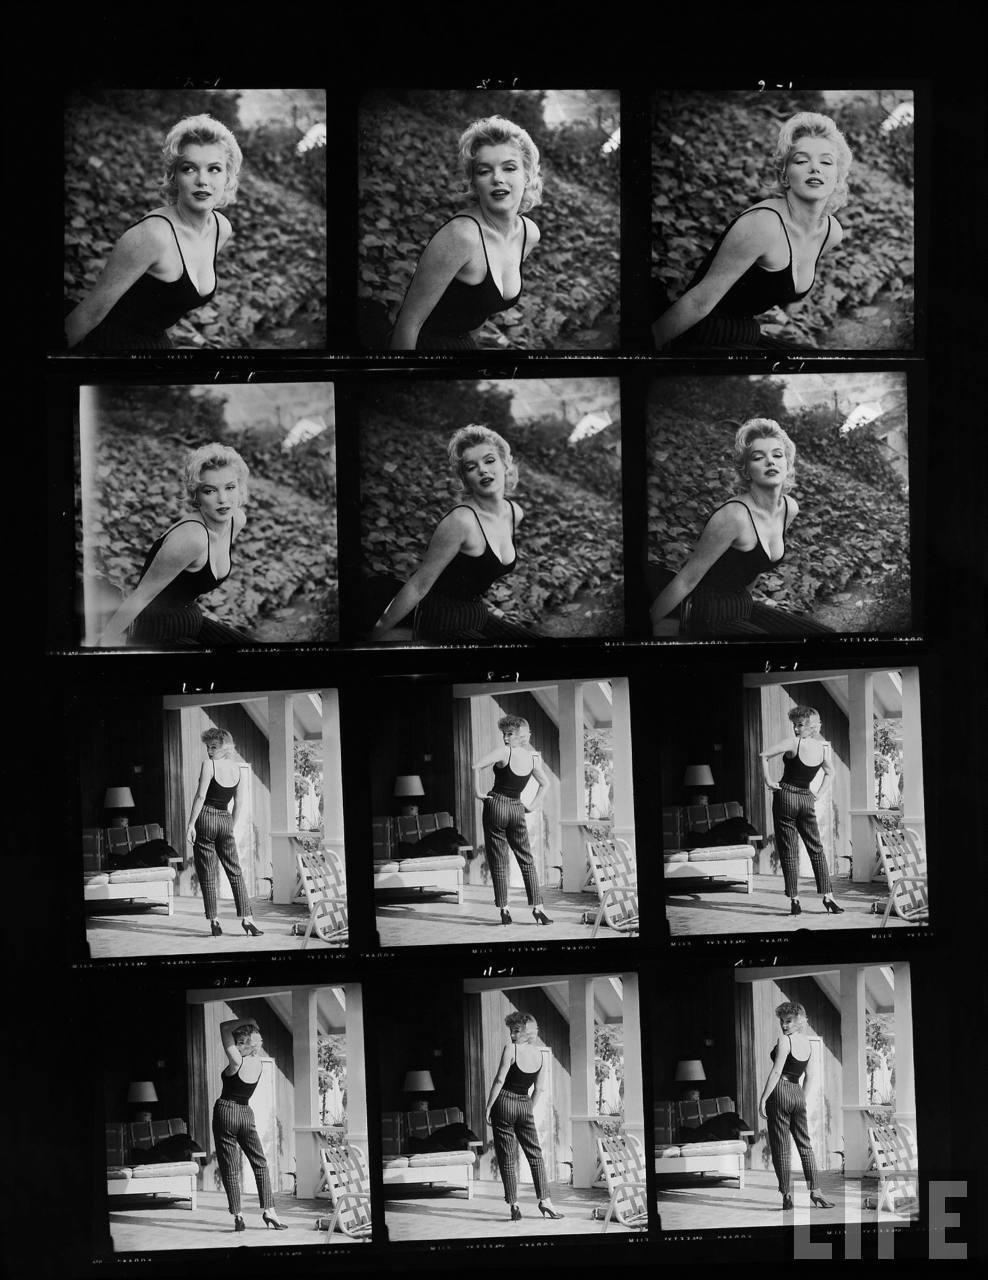 Marilyn Monroe Marilyn Monroe Photo 5660166 Fanpop